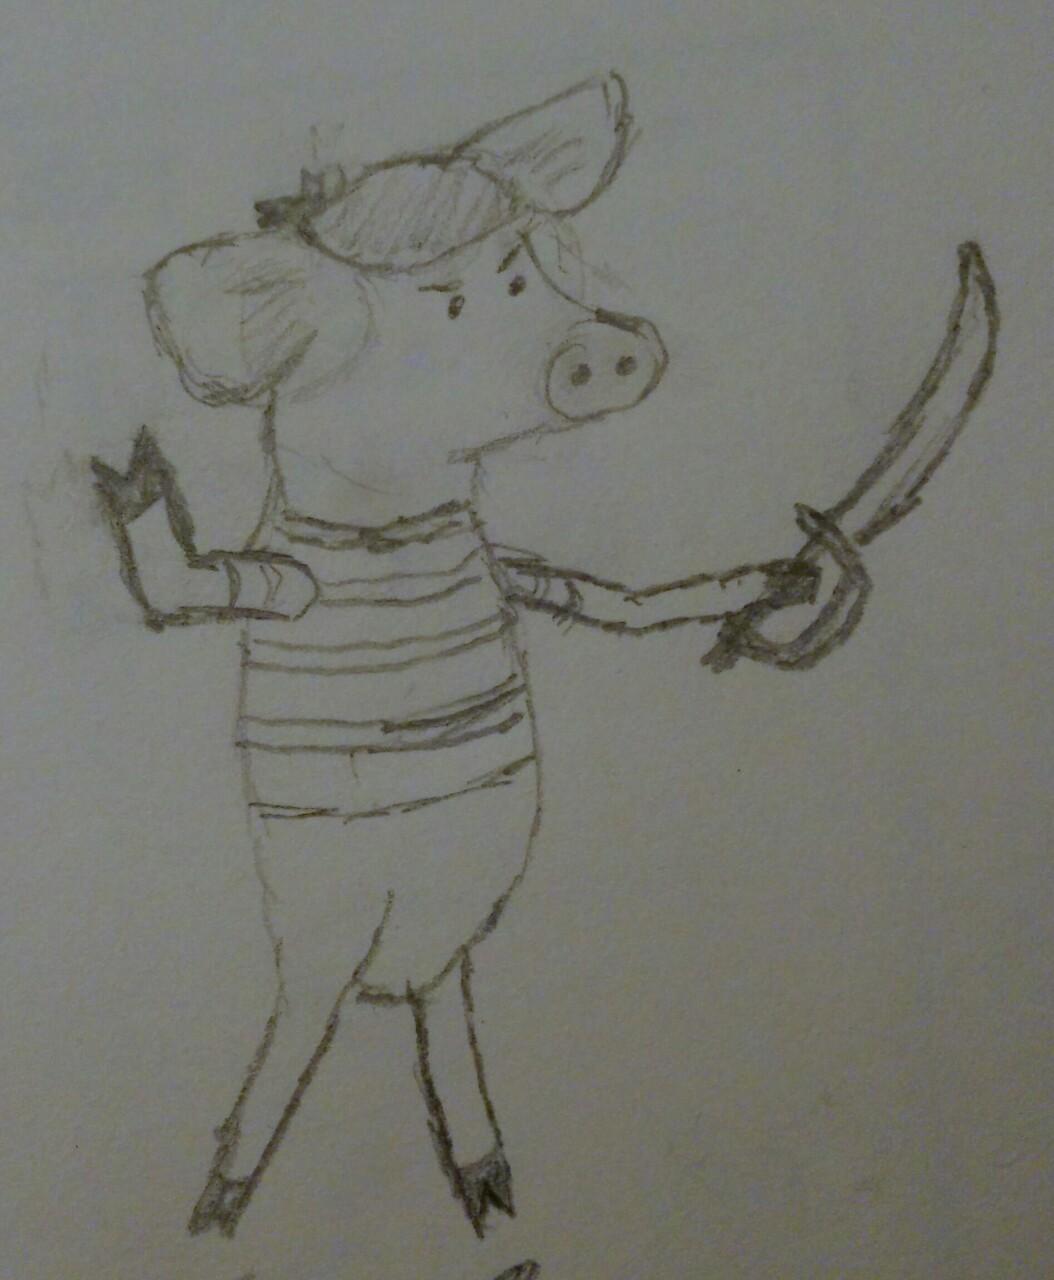 Pirate Pig First Mate